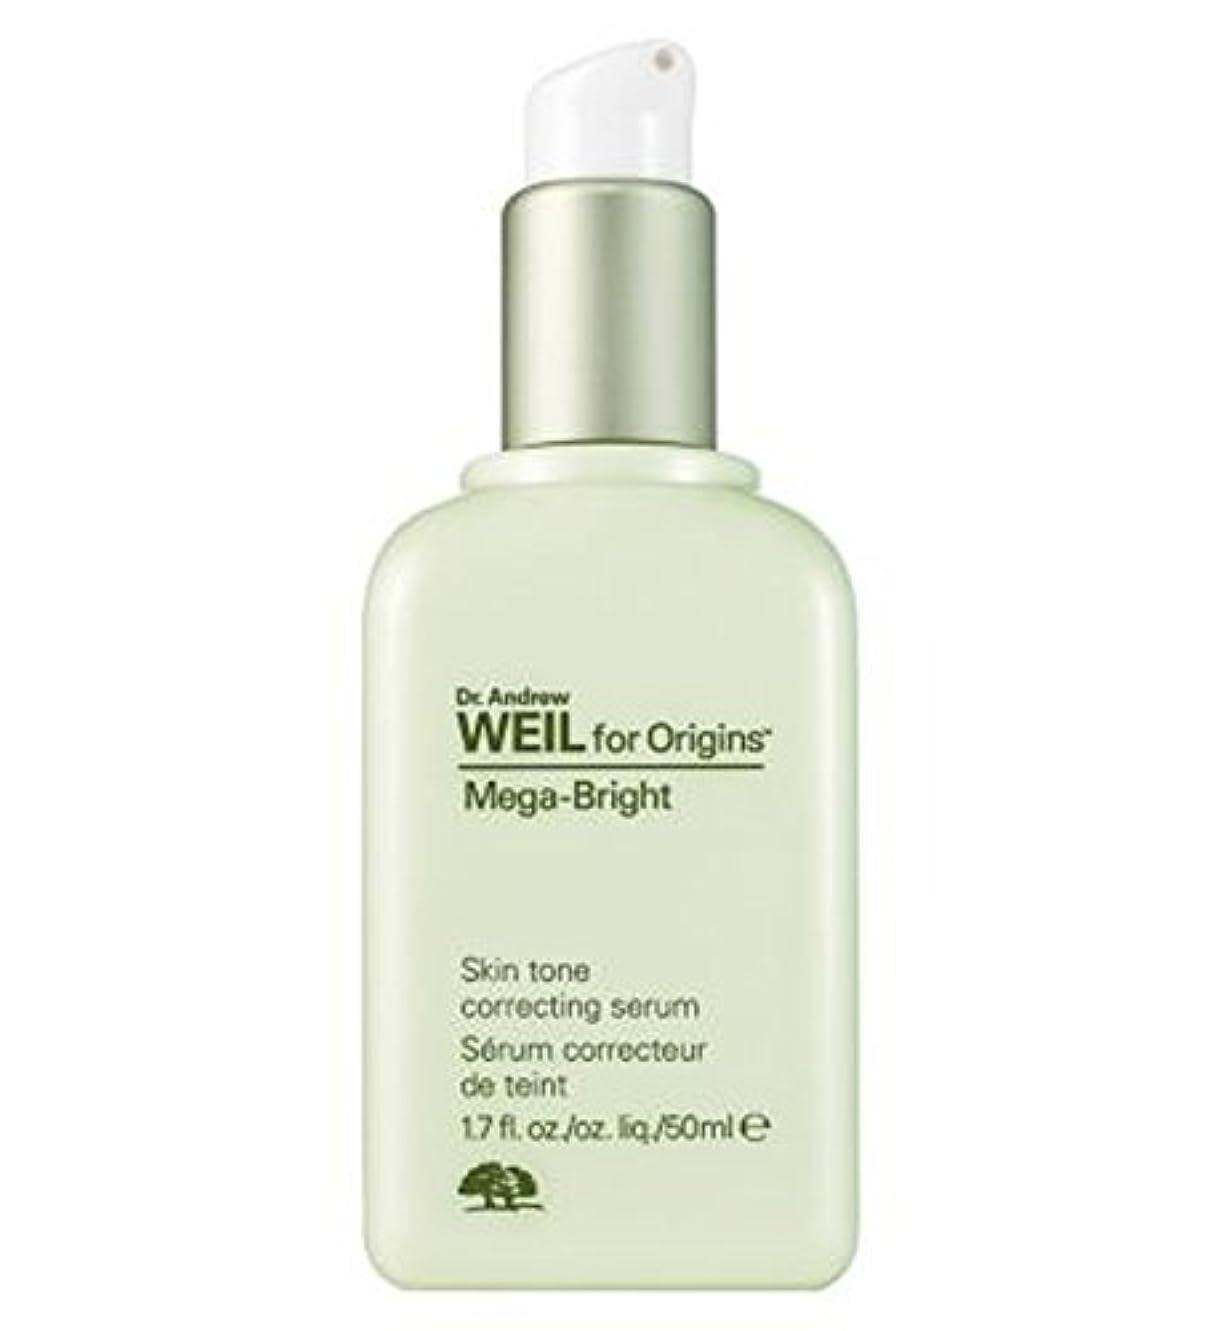 正直キモい限りなくOrigins Dr Weil Mega-Bright Skin Tone Correcting Serum 50ml - 起源のDrワイルメガ明るい肌色補正血清50ミリリットル (Origins) [並行輸入品]